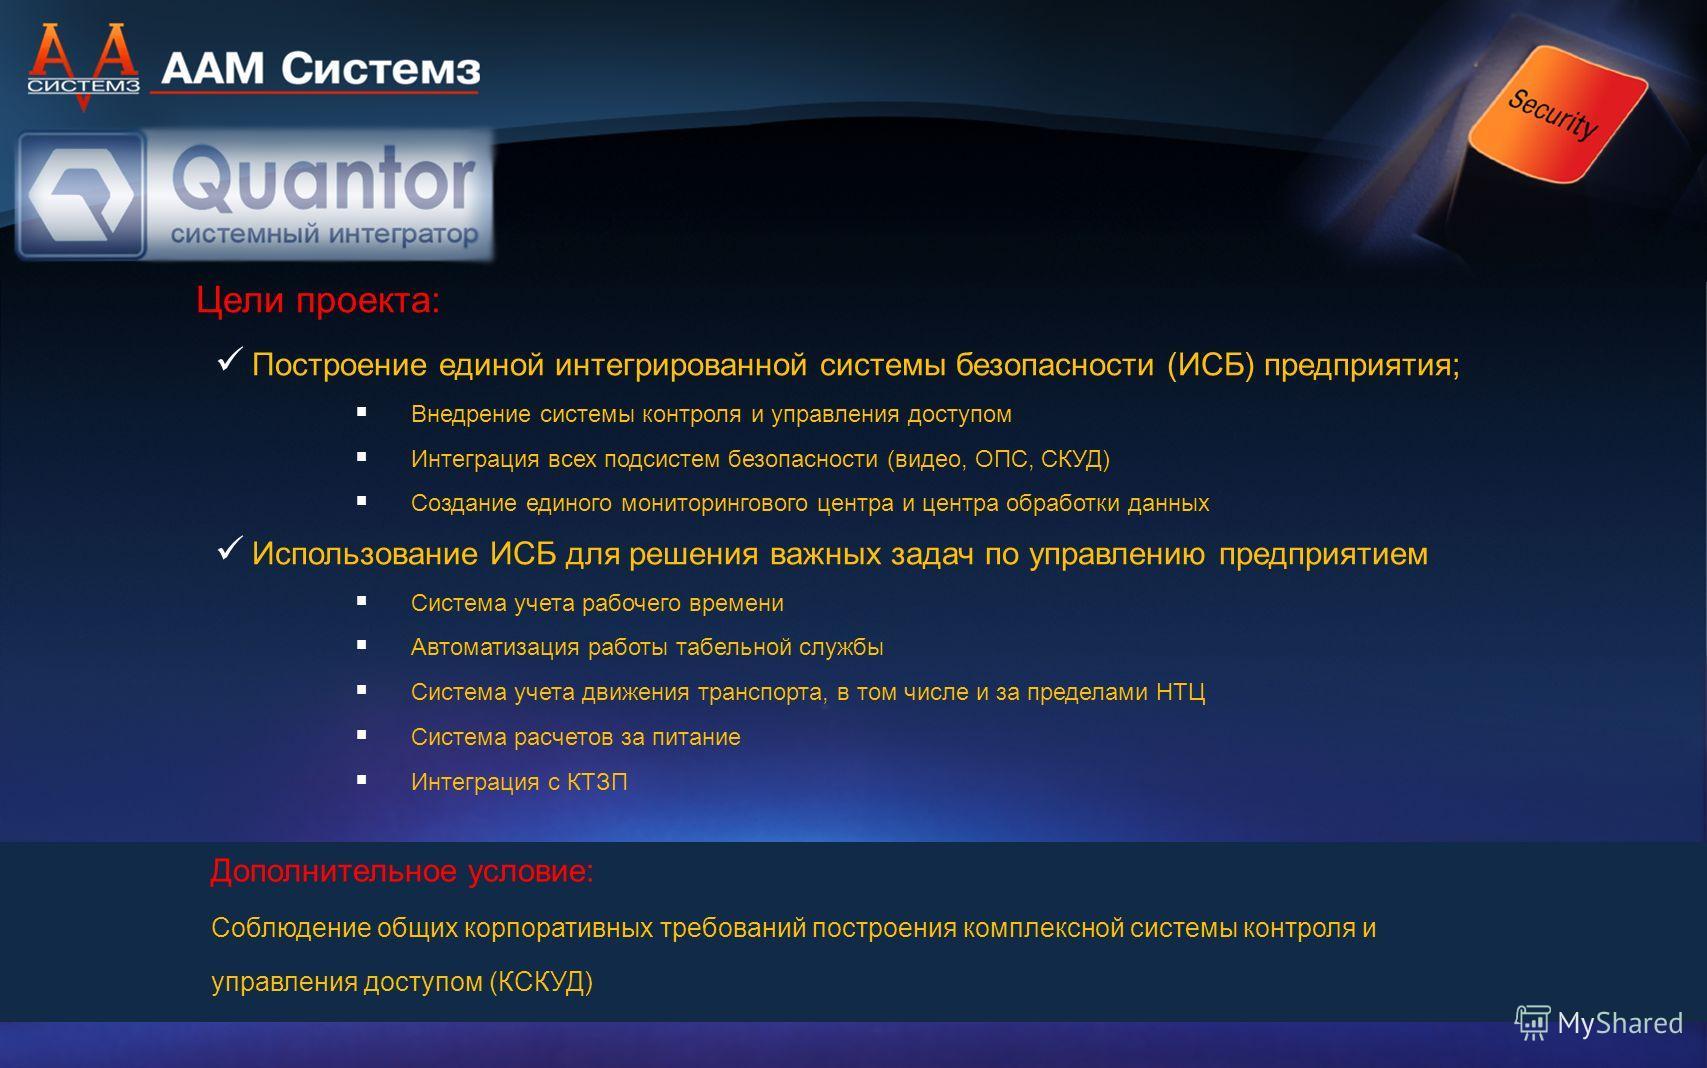 Цели проекта: Построение единой интегрированной системы безопасности (ИСБ) предприятия; Внедрение системы контроля и управления доступом Интеграция всех подсистем безопасности (видео, ОПС, СКУД) Создание единого мониторингового центра и центра обрабо